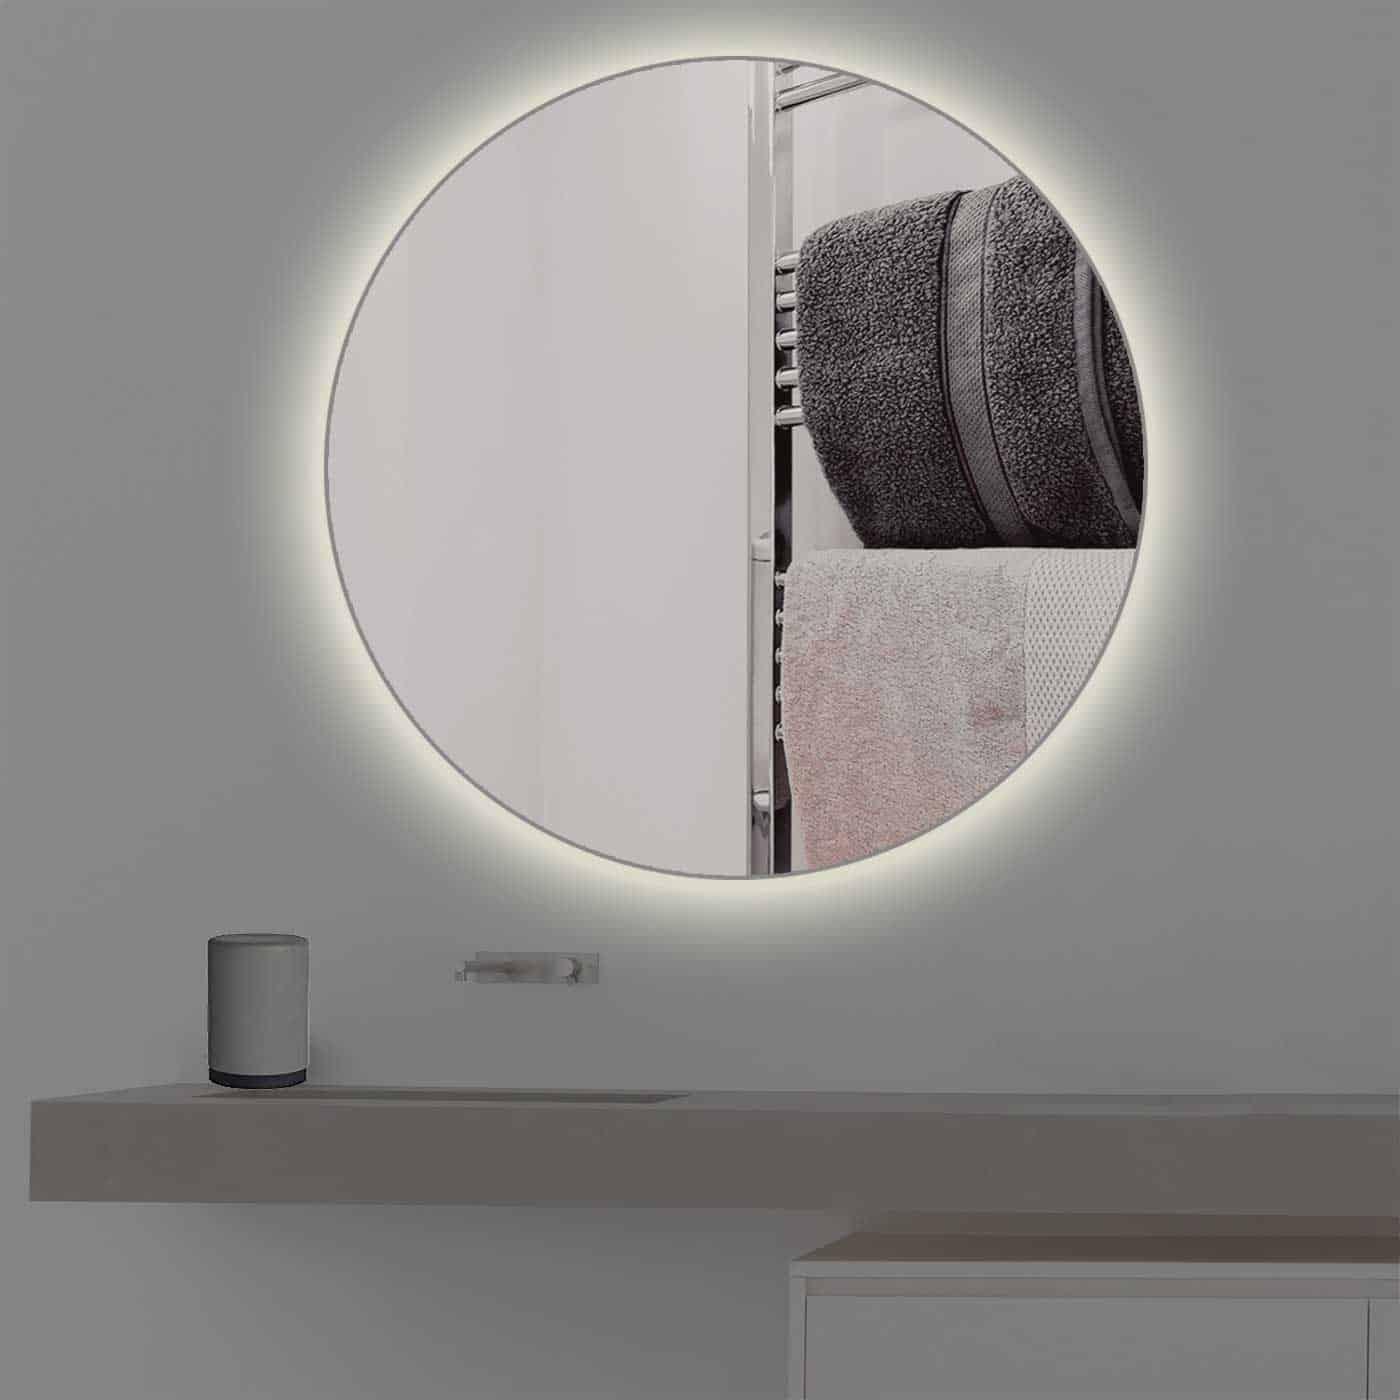 Runder badspiegel mit beleuchtung t v gepr ft for Spiegel 0nline